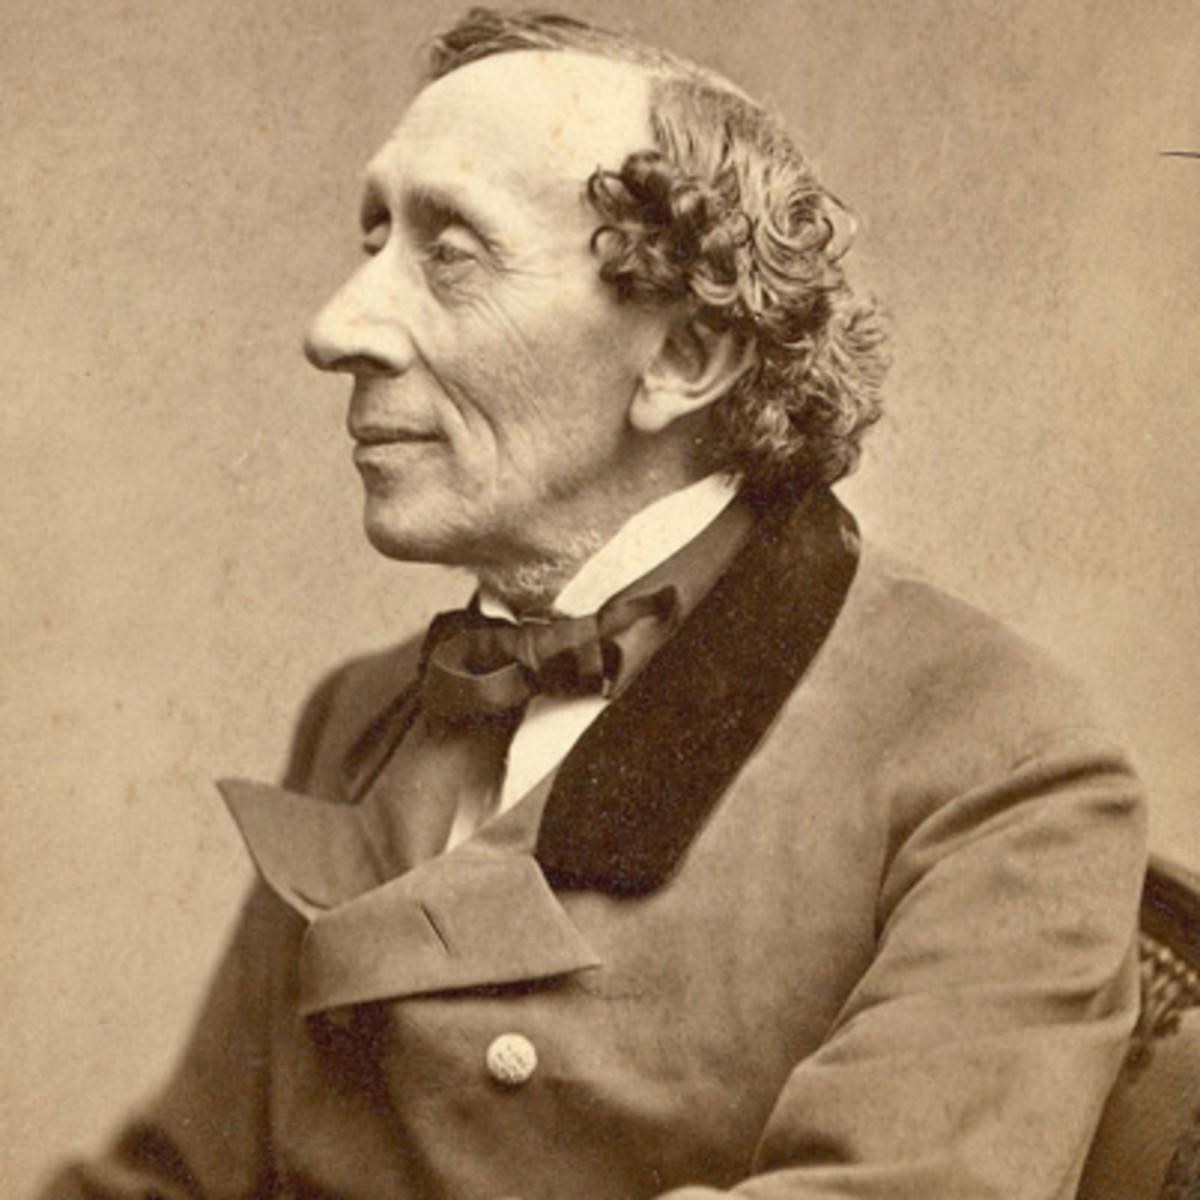 Sống nghèo khó ở nơi toàn quý tộc, cha đẻ của Andersen đã làm gì giúp ông trở thành nhà văn nổi tiếng? - Ảnh 3.